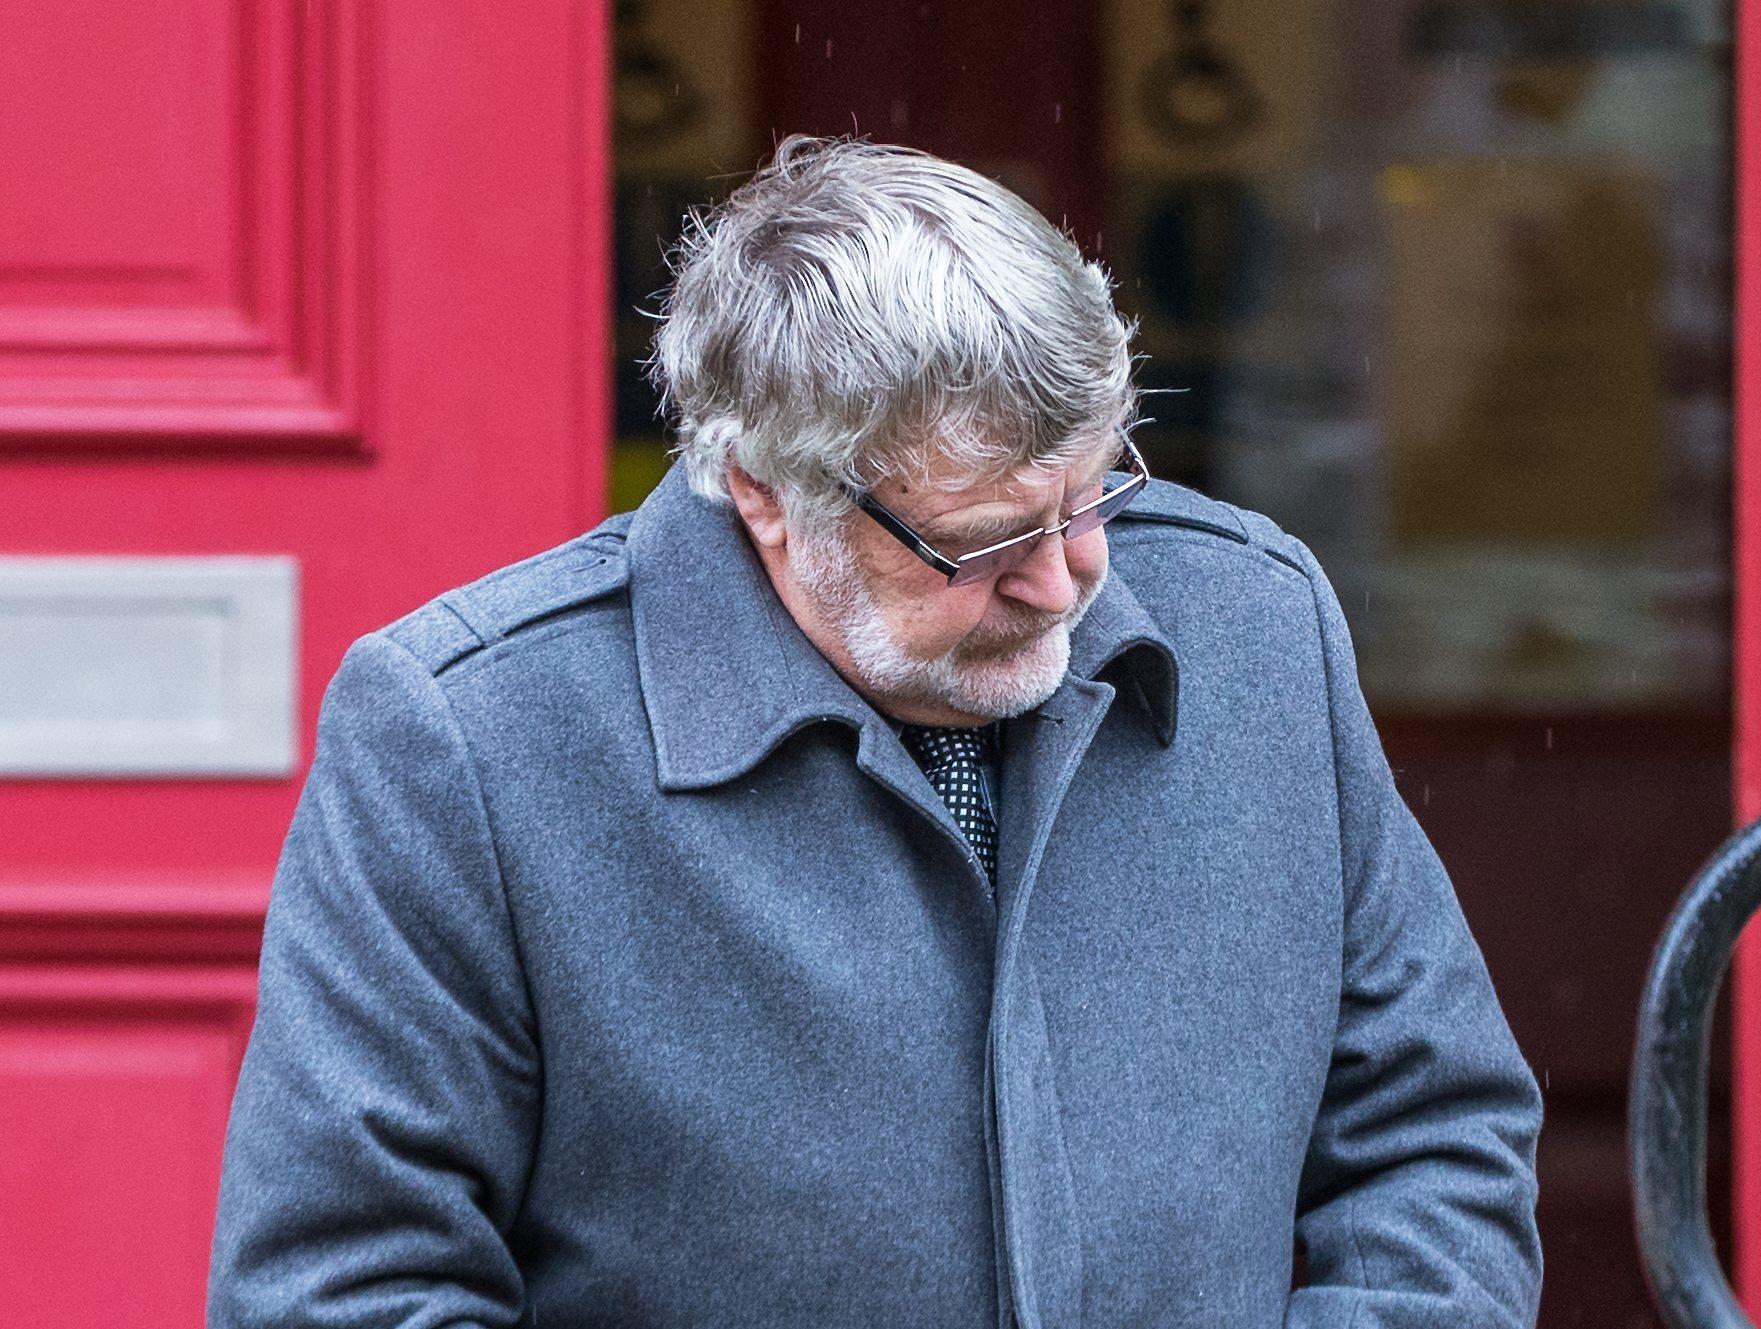 Gordon Philip leaving Elgin Sheriff Court.